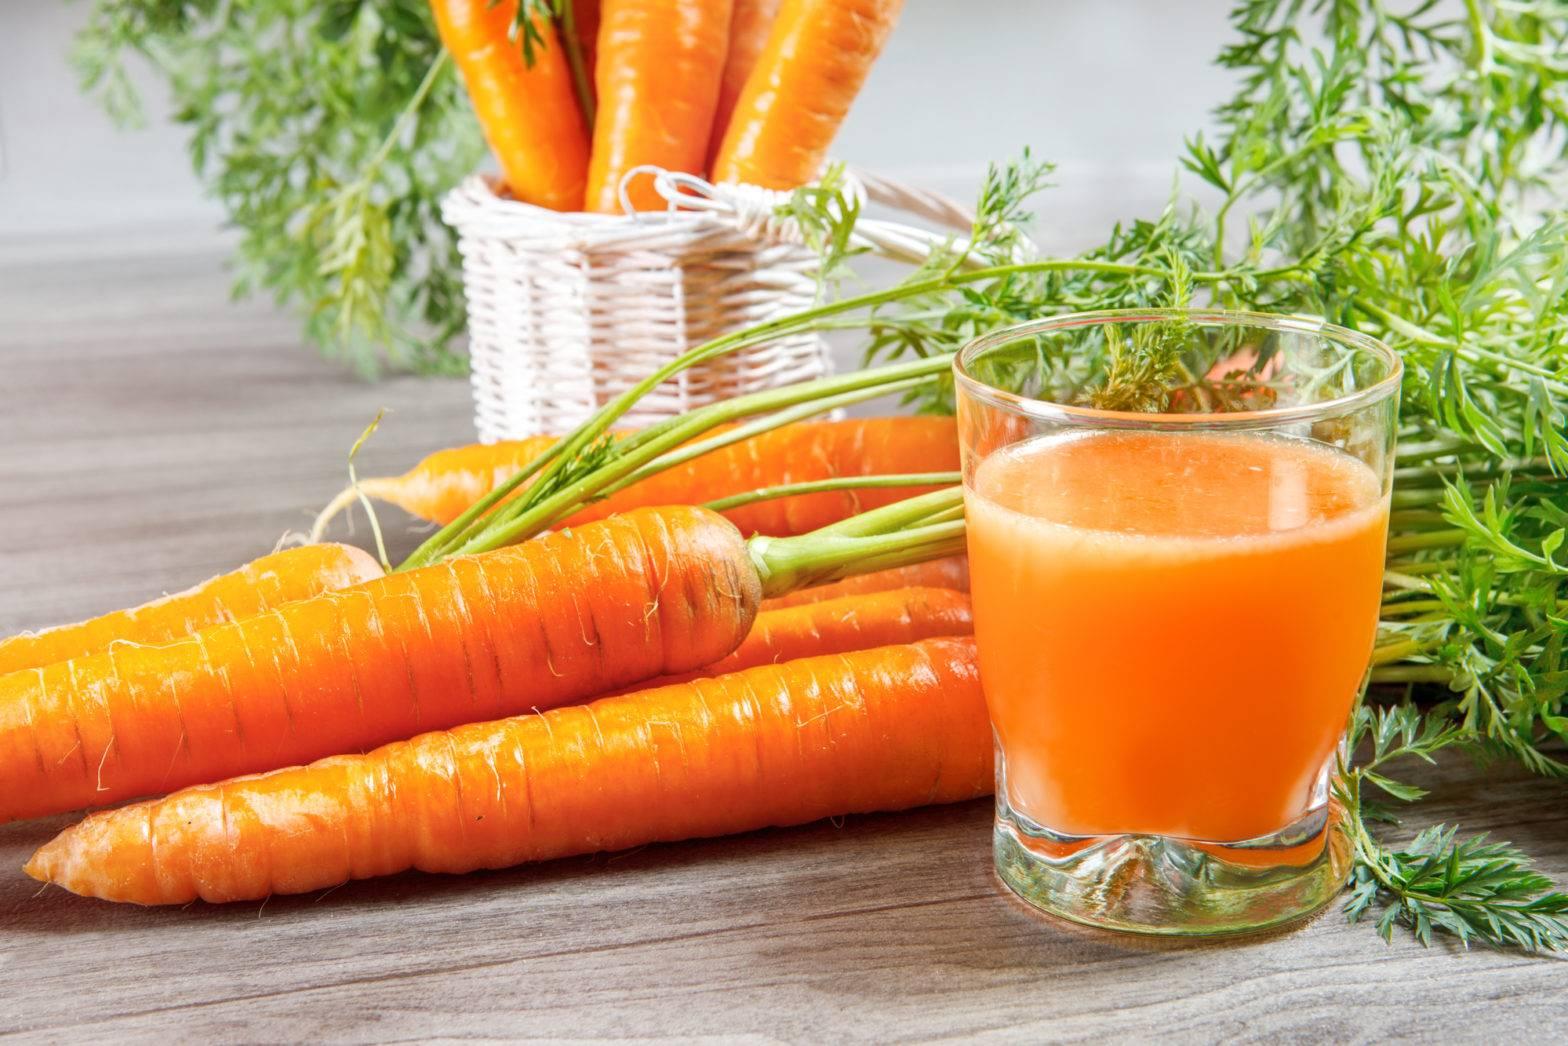 Морковный сок на зиму в домашних условиях: как выжать его из моркови с соковыжималкой и без (в соковарке, блендере и т.д.), лучшие рецепты